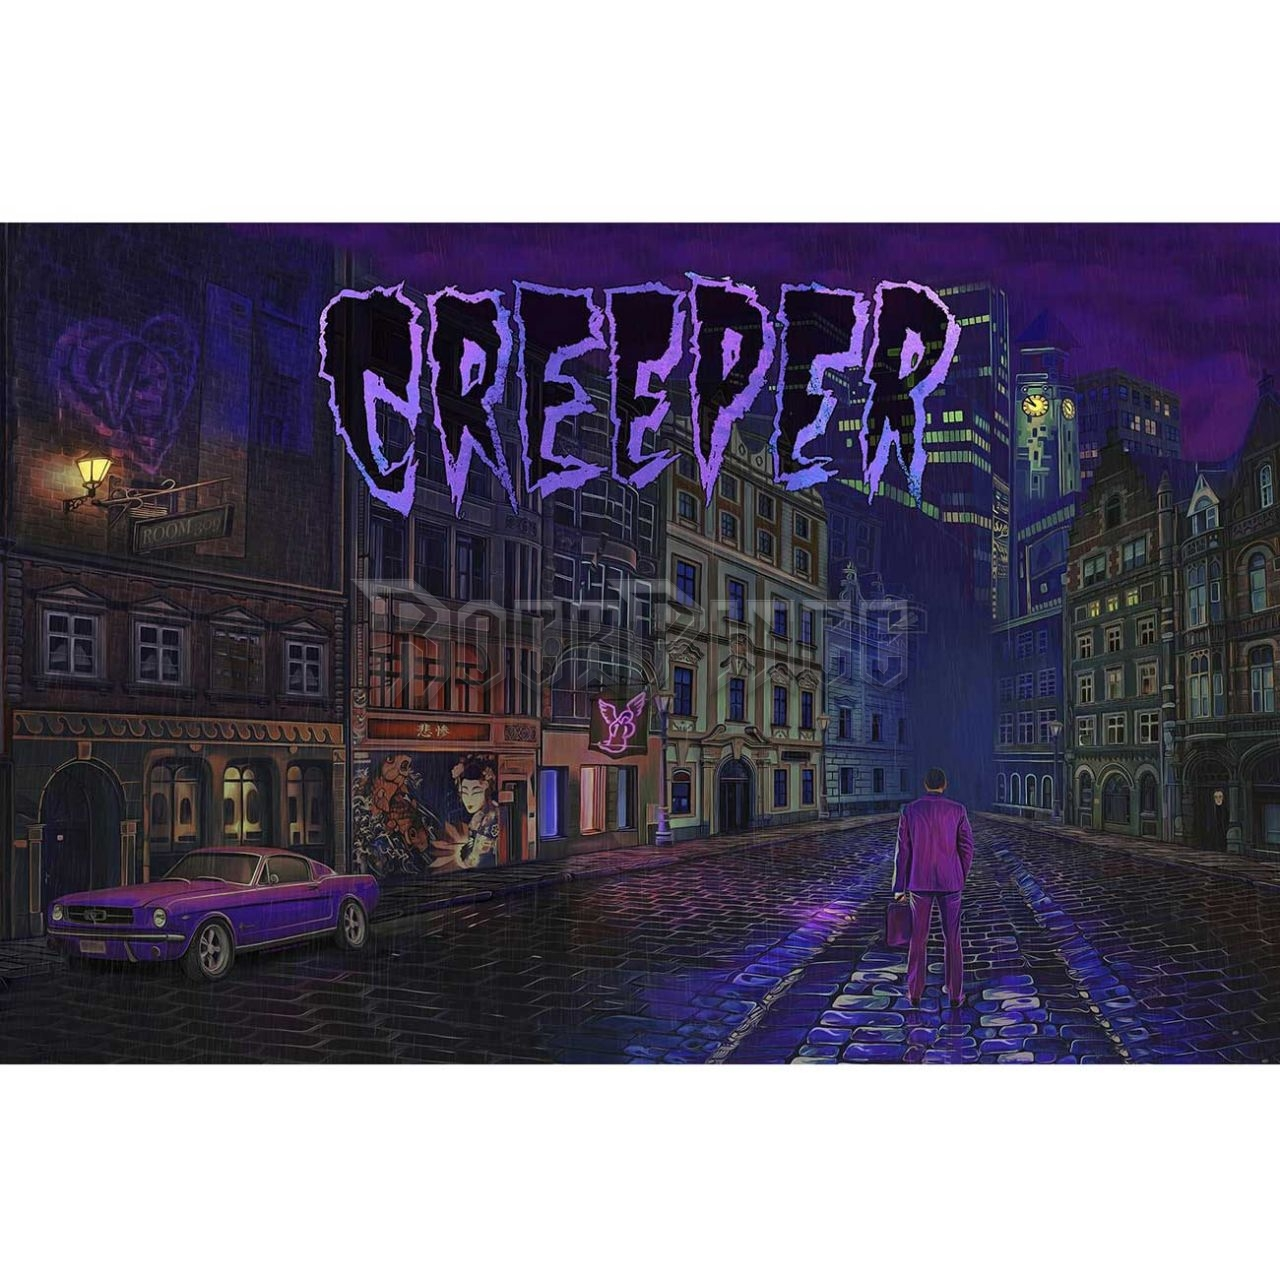 Creeper Poszterzászló: Eternity In Your Arms - TP171